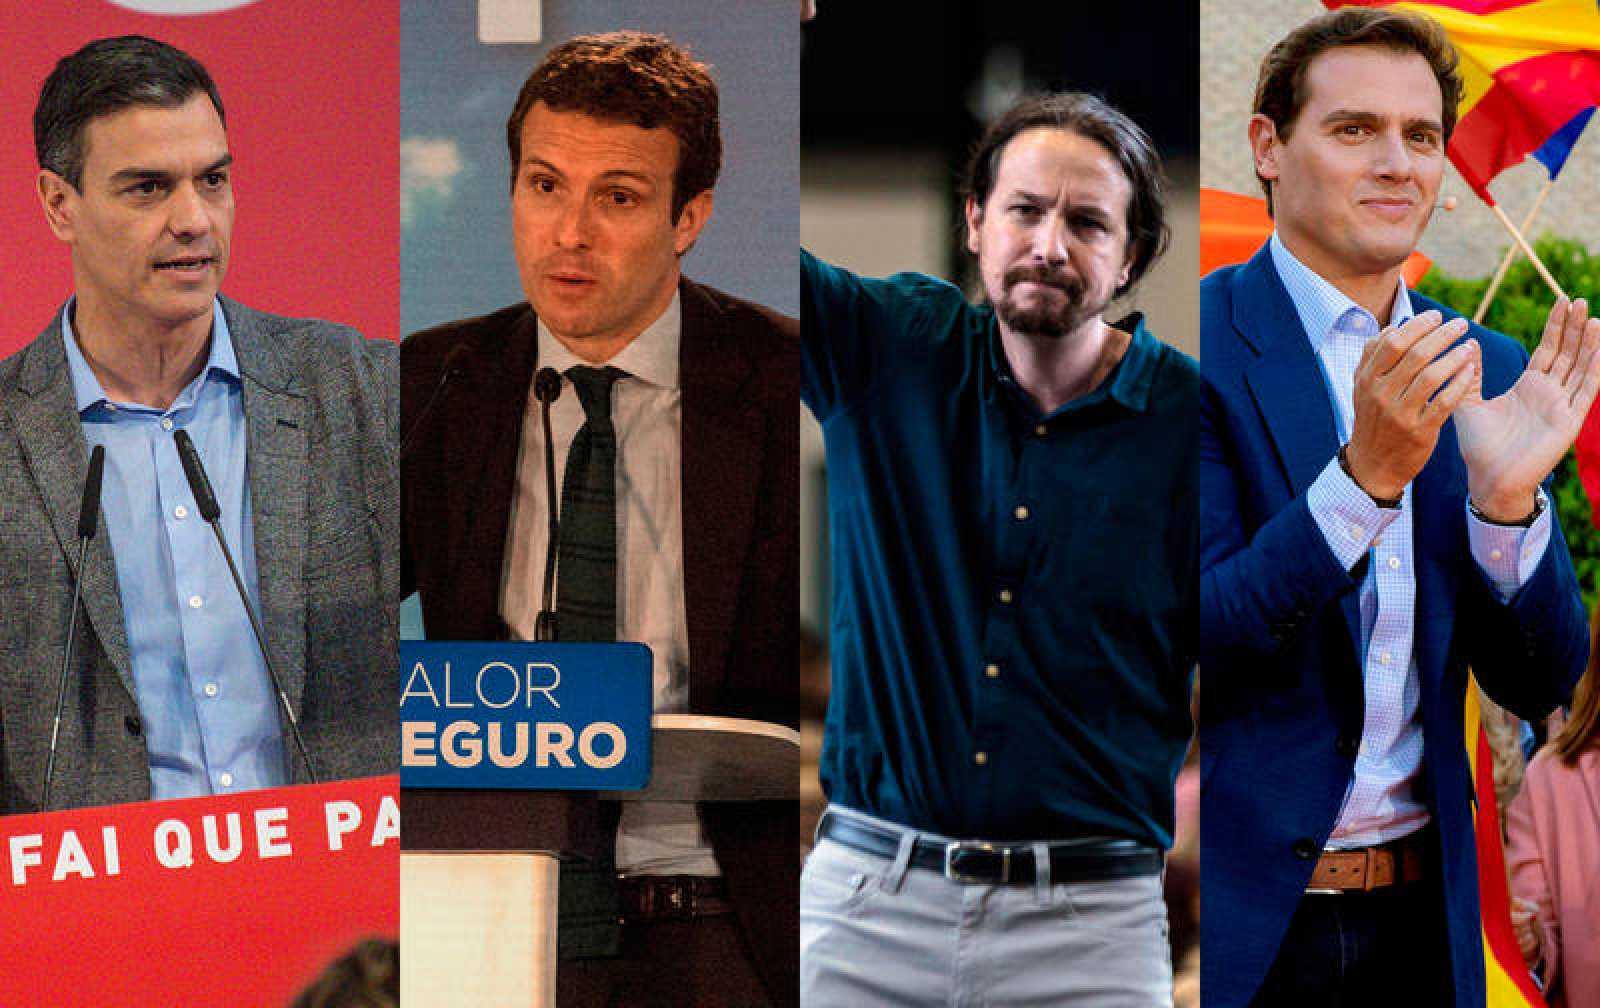 Sánchez, Casado, Iglesias y Rivera, en la imagen